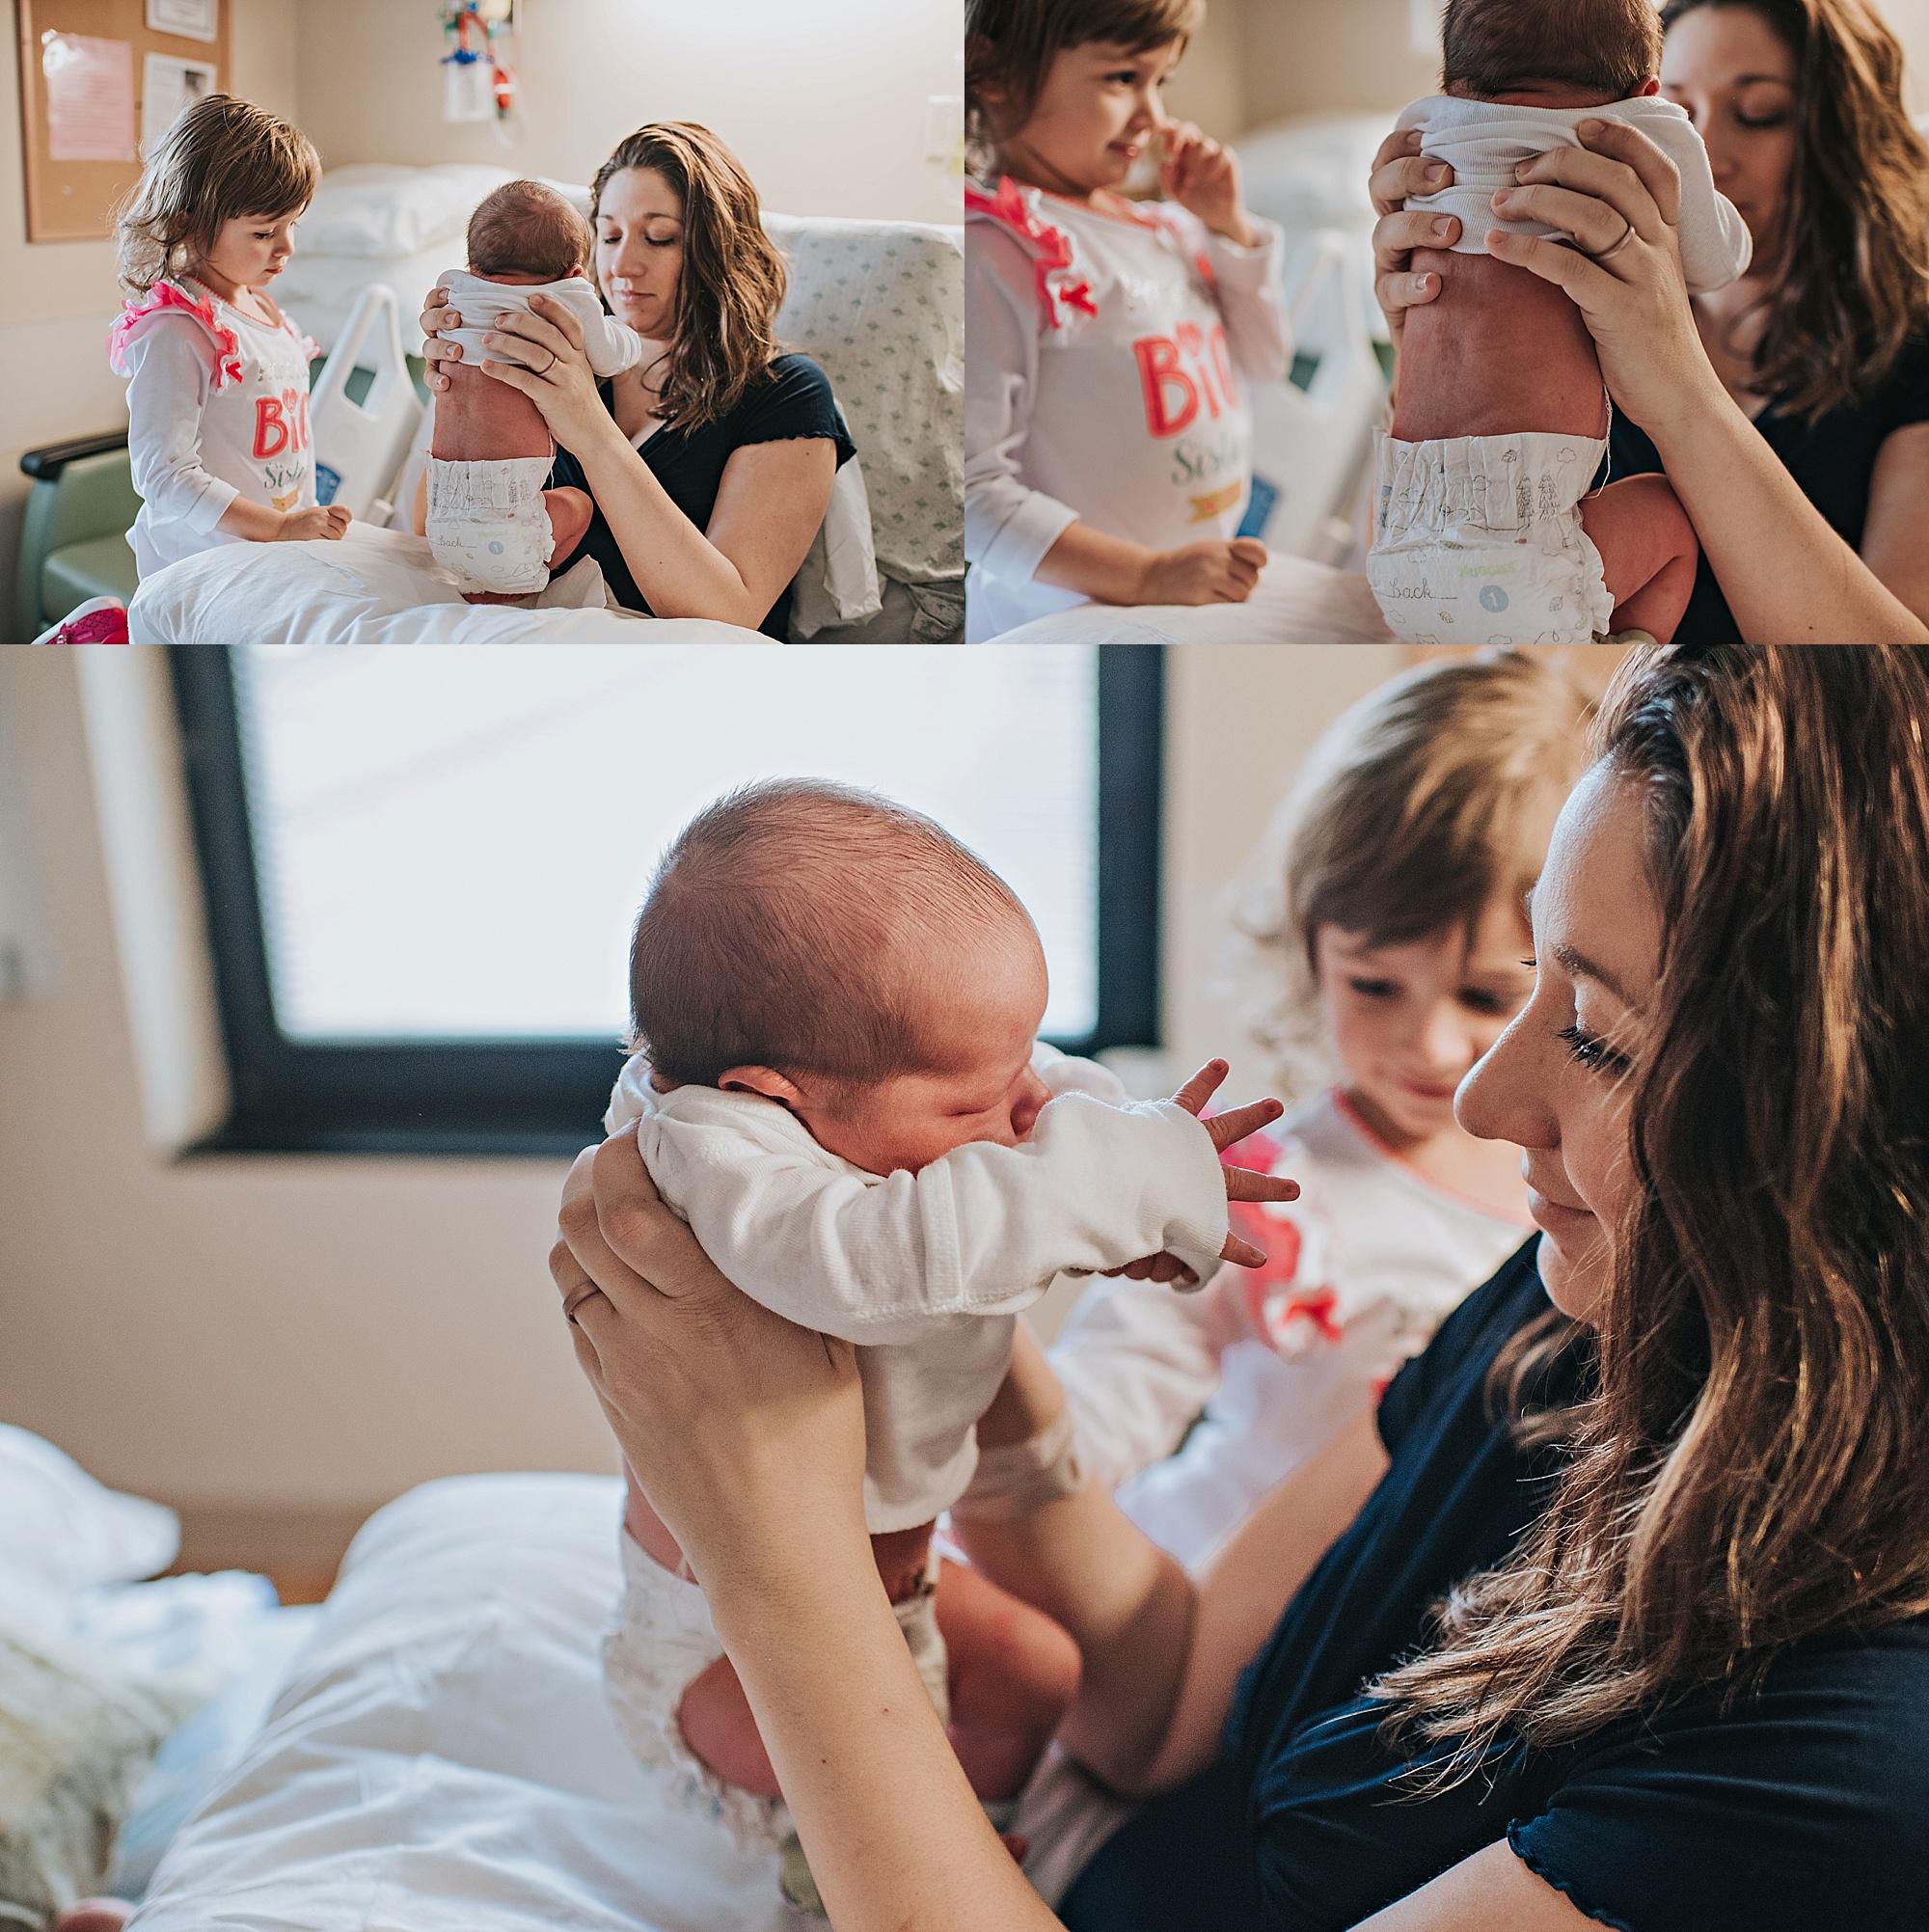 Dudones-family-cleveland-photographer-lauren-grayson-fresh-48-session_0012.jpg